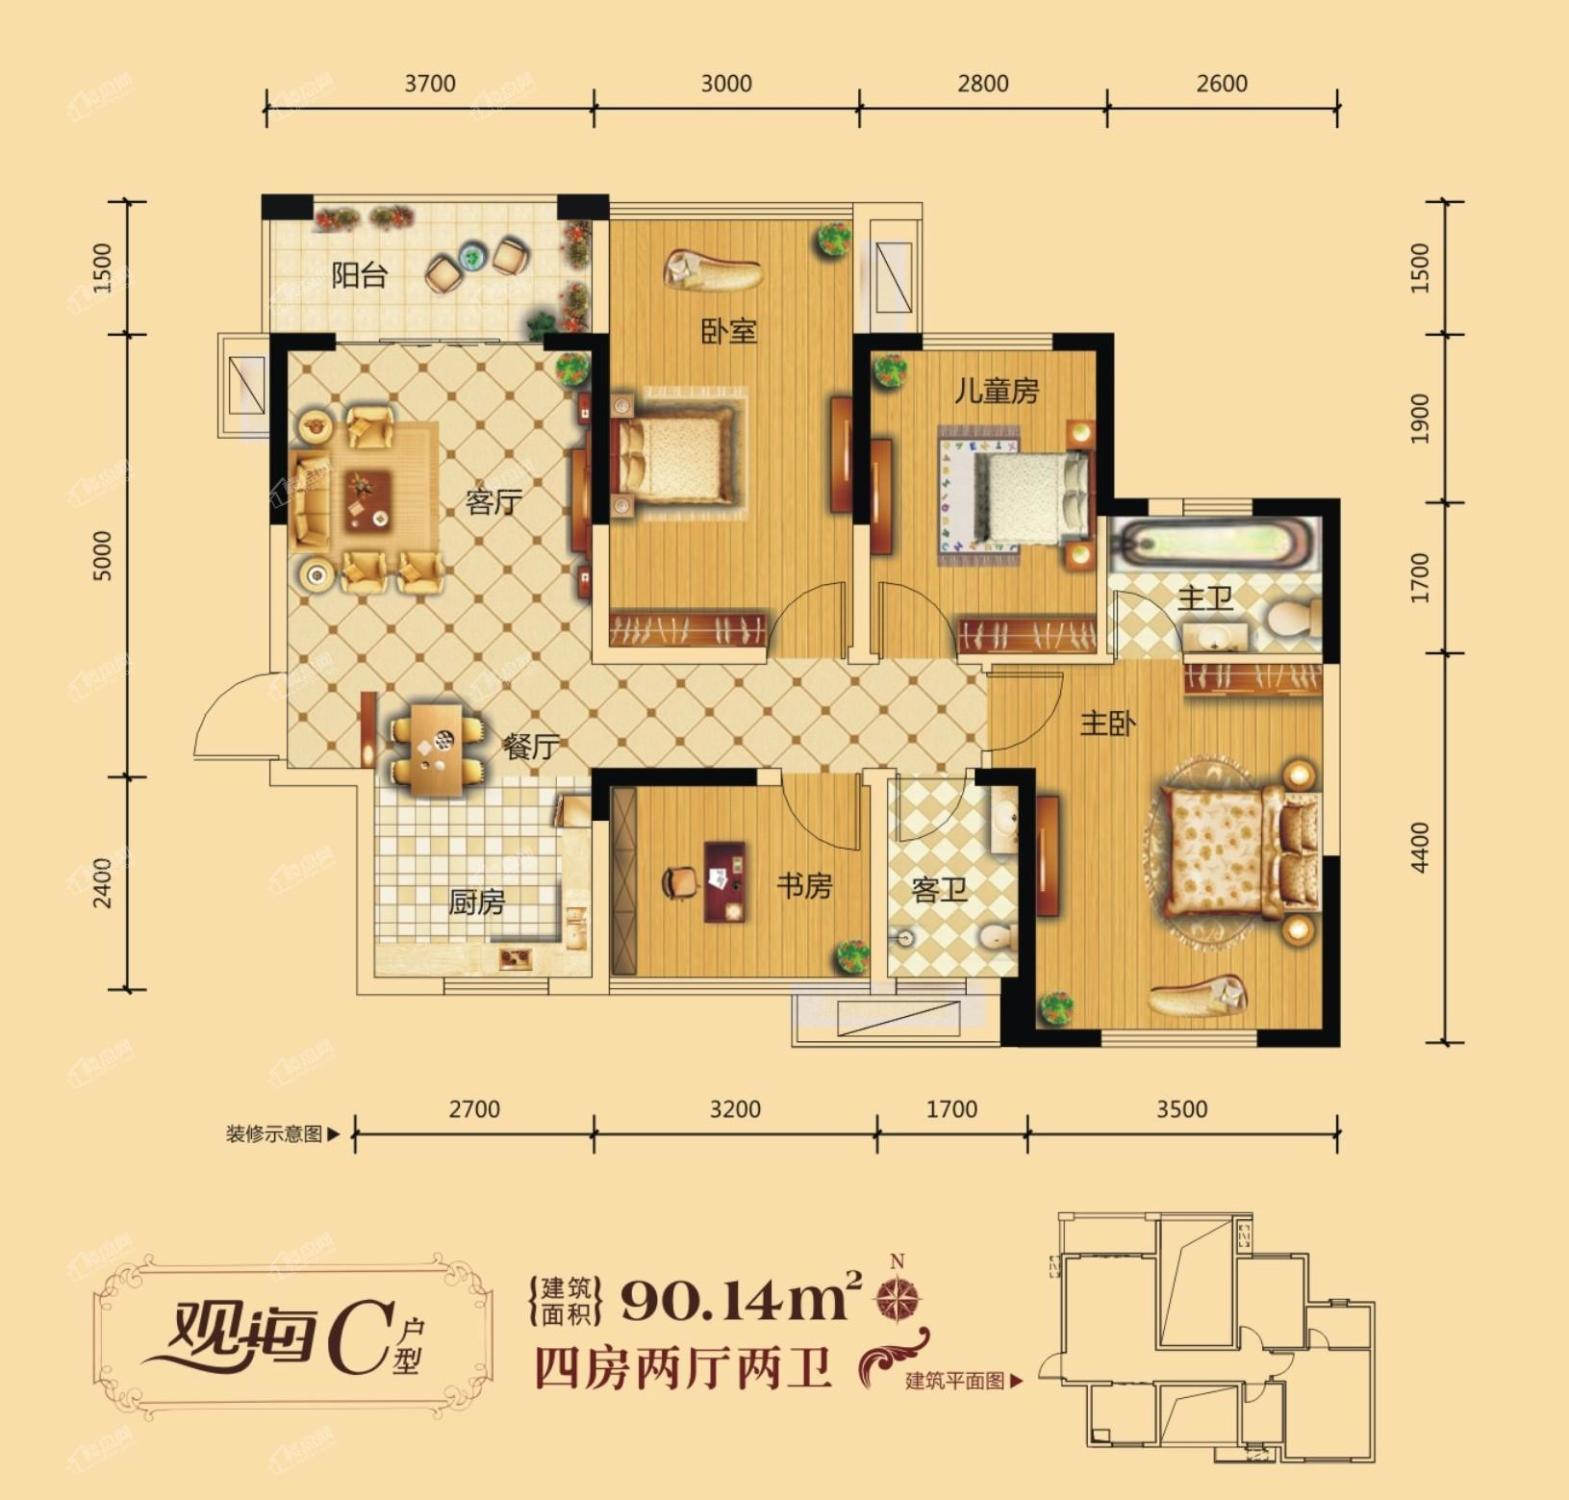 三期C户型 四房两厅两卫 90.14㎡